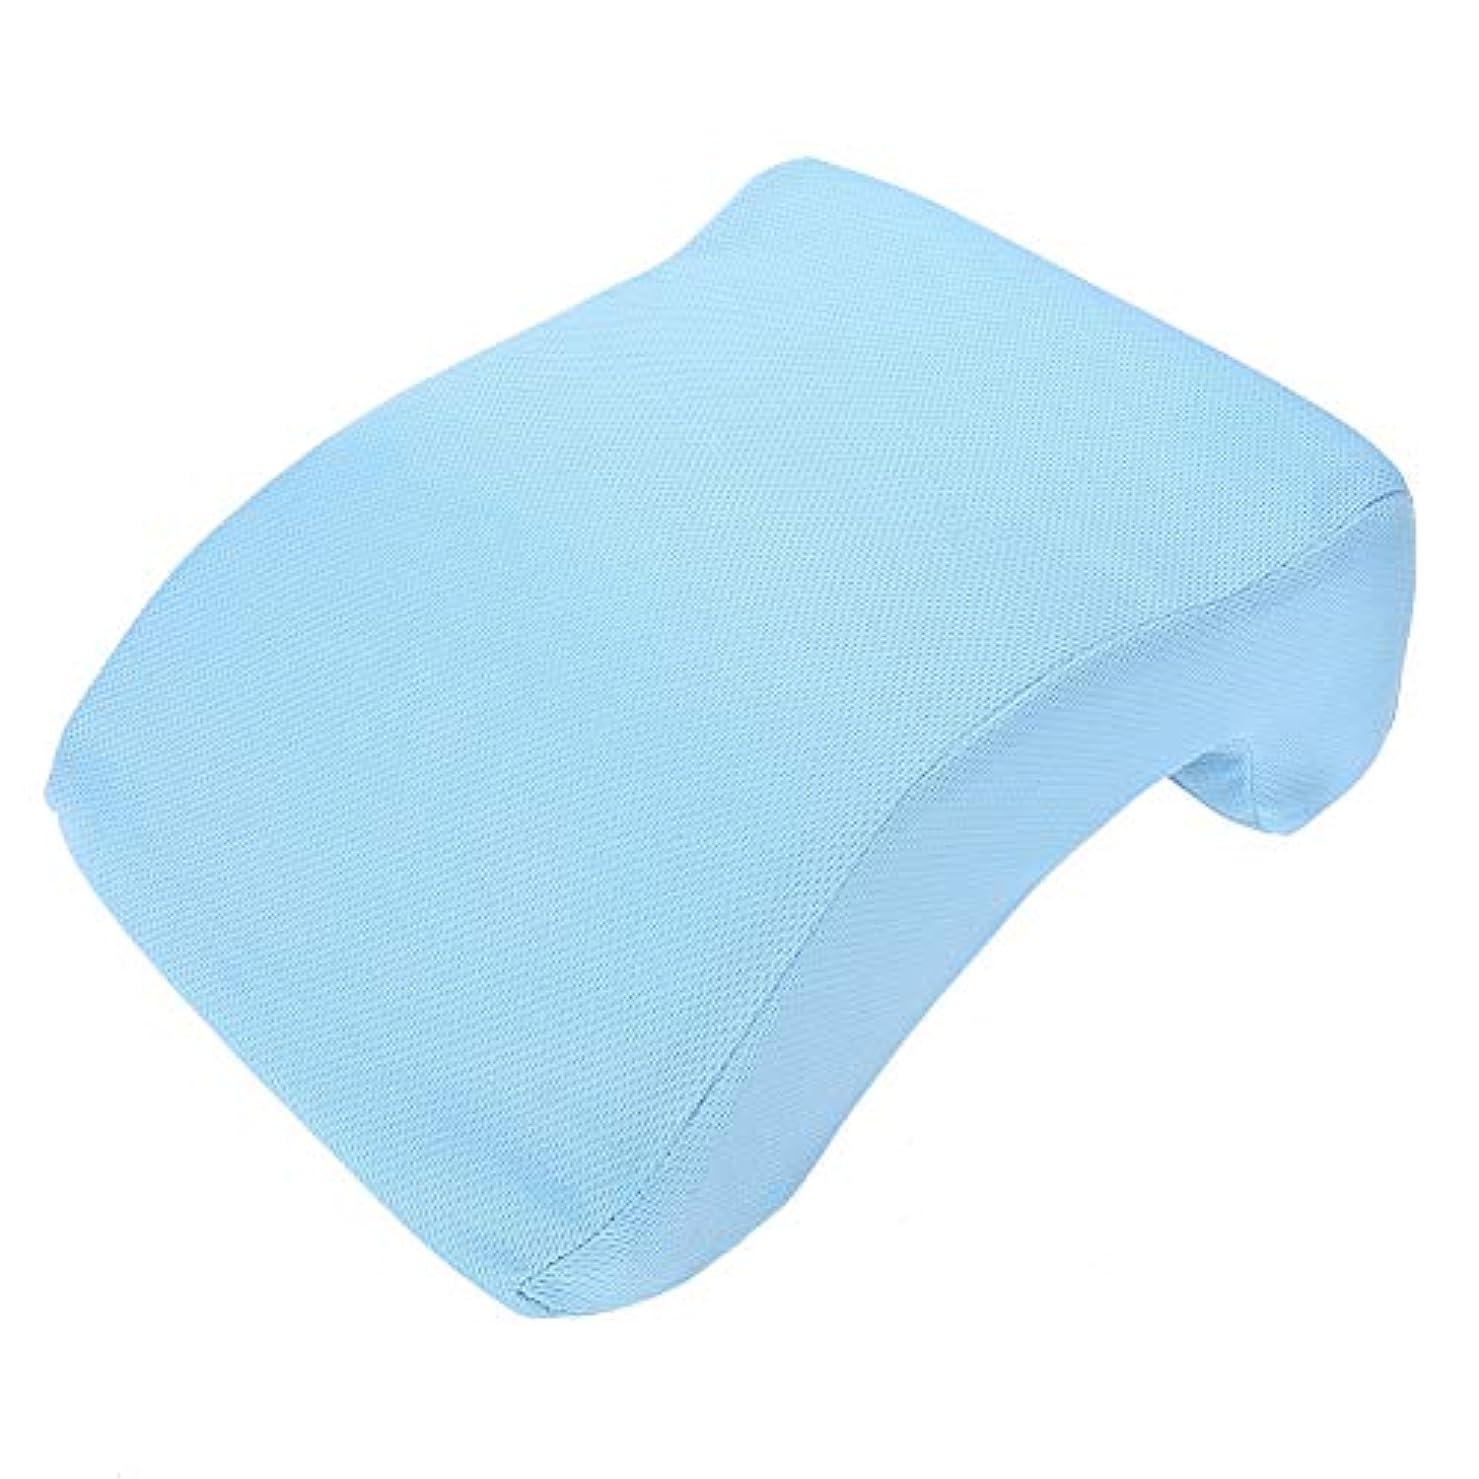 切る回復するプログラム低反発まくら ピロー マッサージ枕 首?頭?肩をやさしく支える 安眠枕 快眠グッズ 柔らかい 洗えるやすい